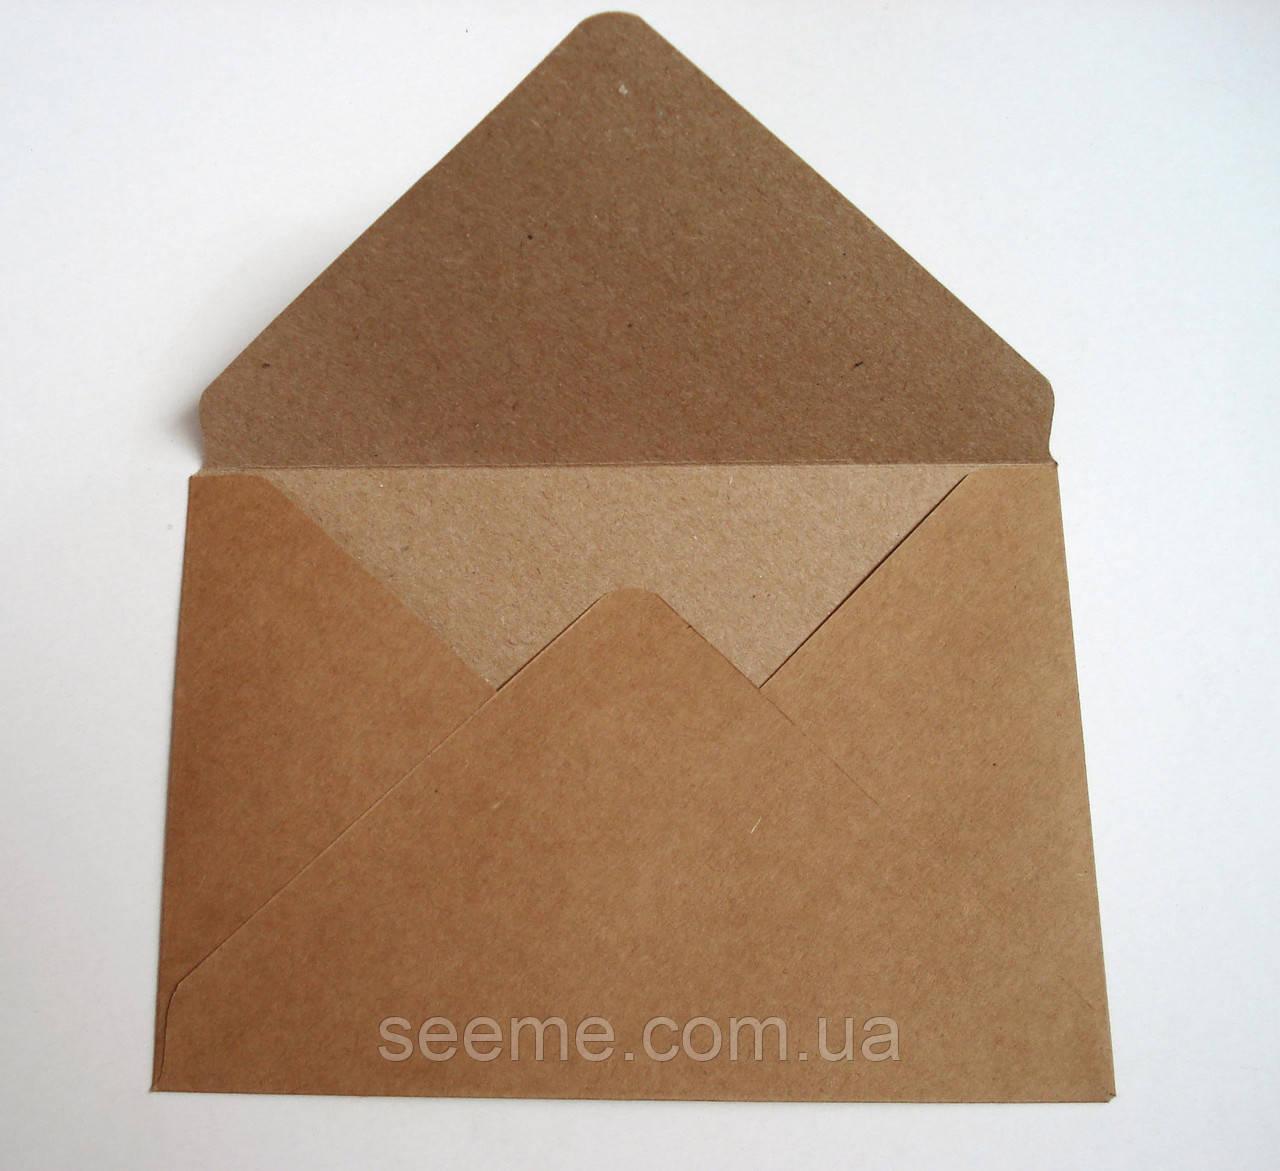 Конверт из бумаги своими руками большие фото 575